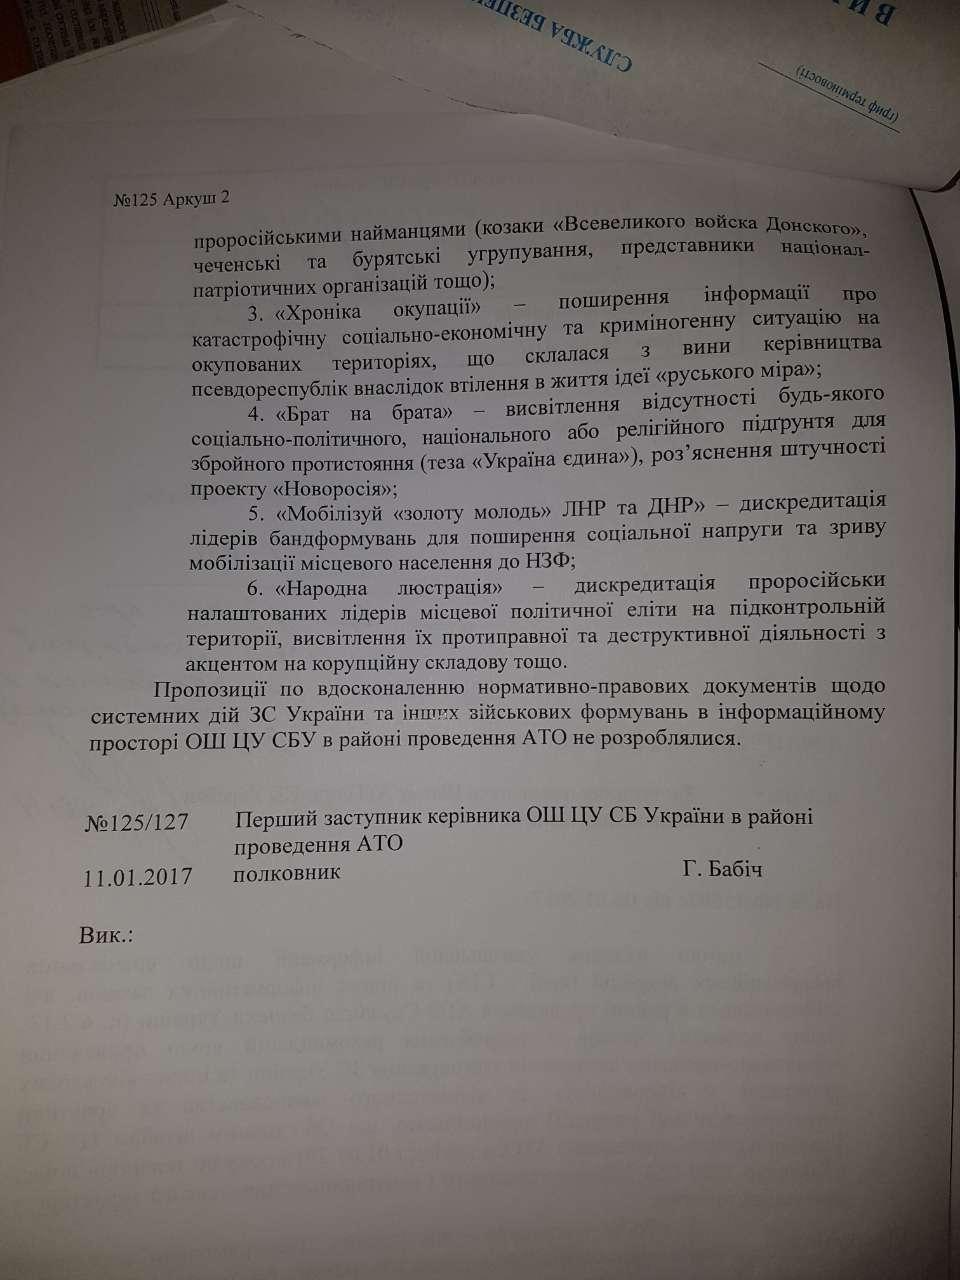 Rapport sur les opérations spéciales d'information du SBU (page 2)